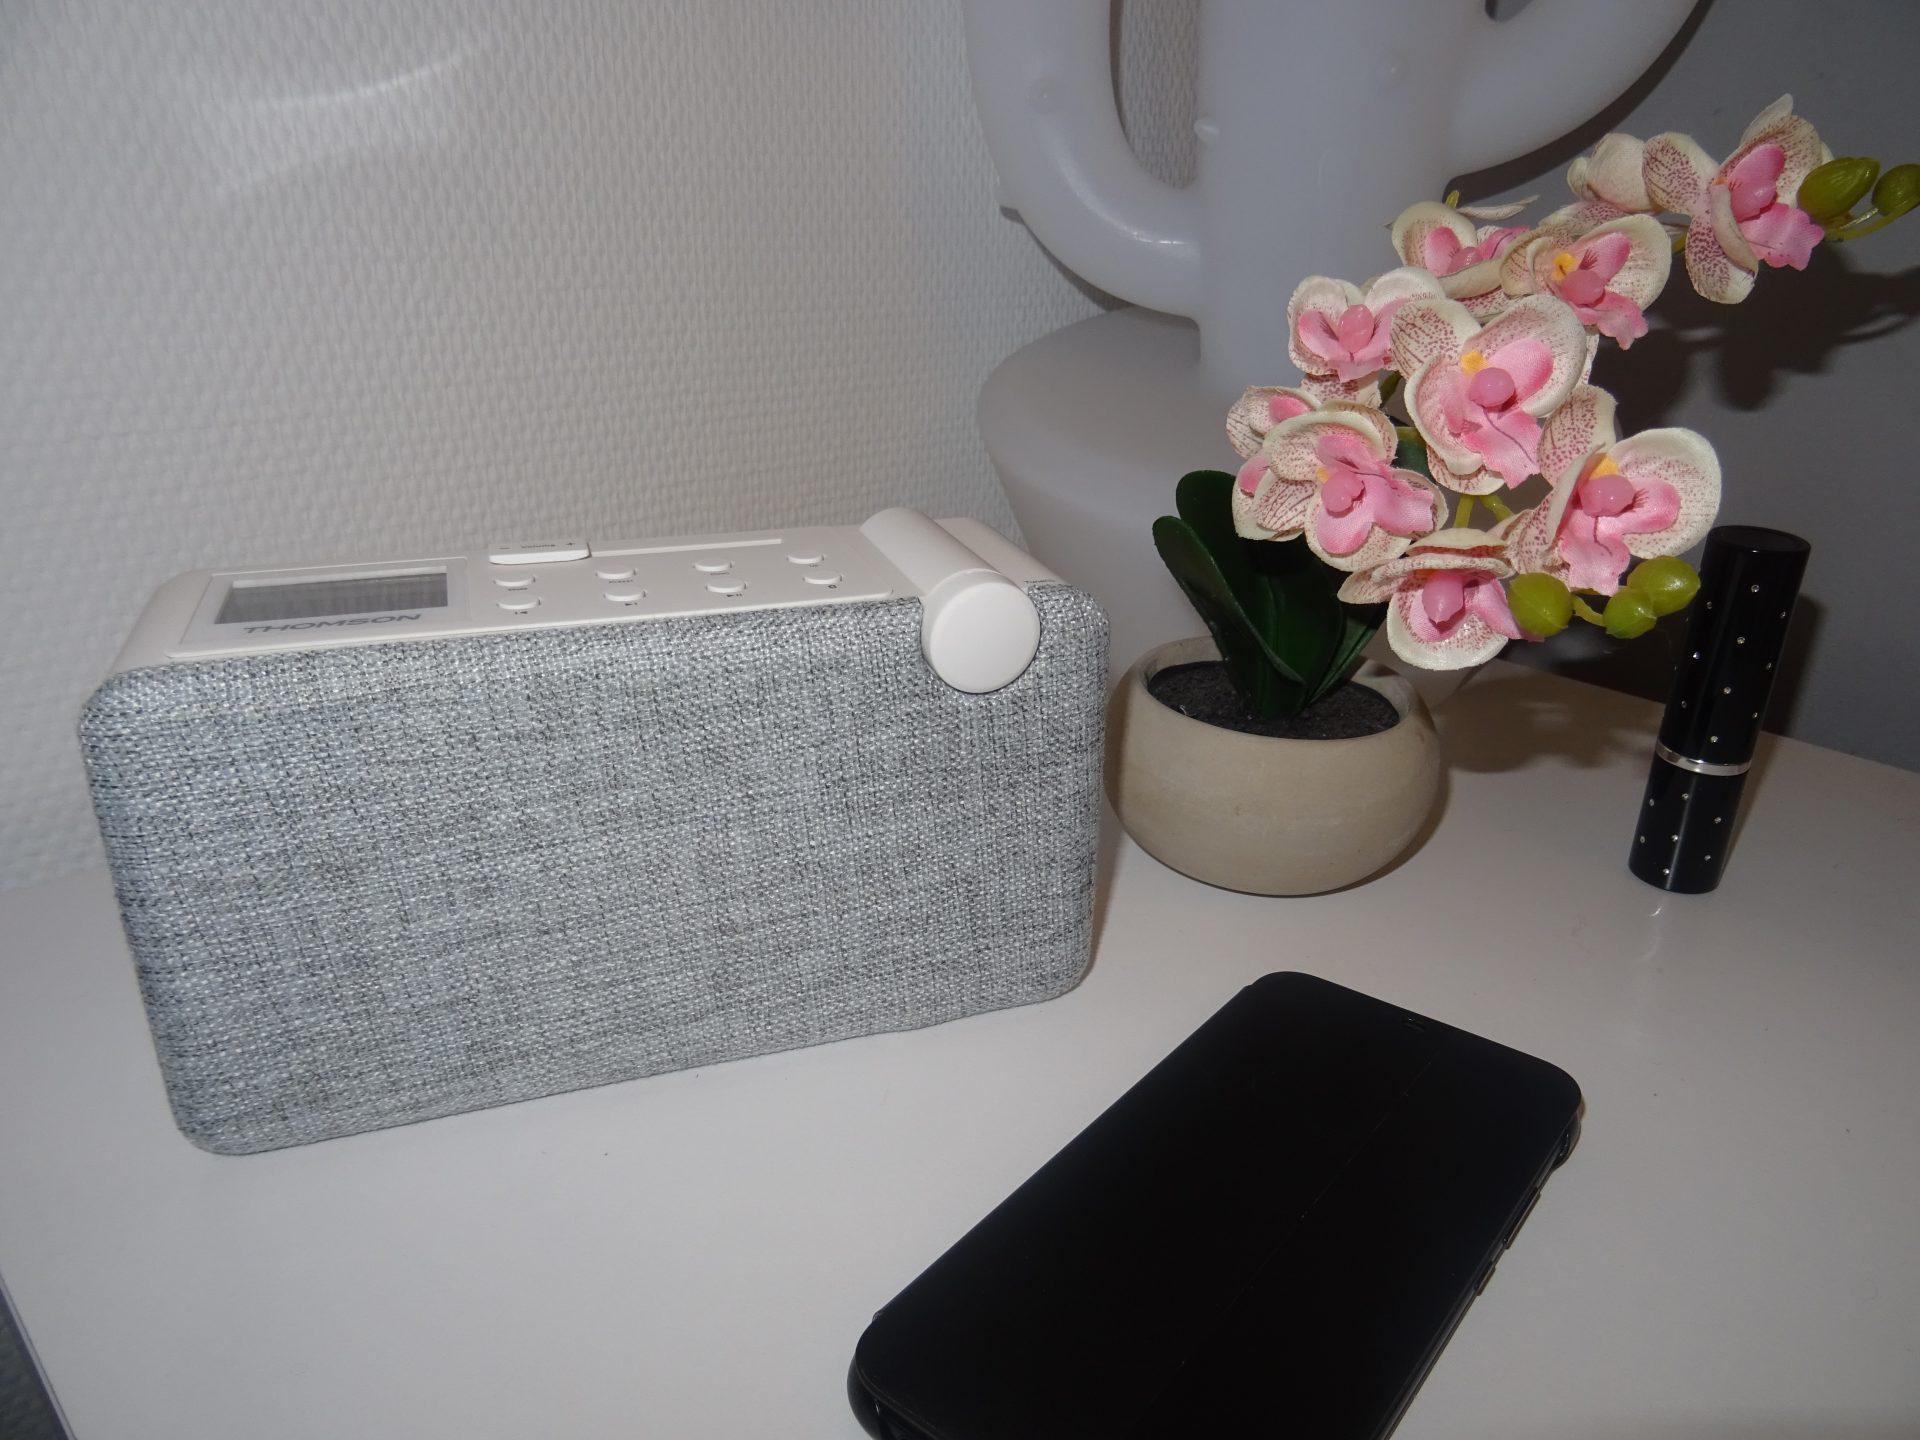 Notre enceinte sans fil et radio WS05 de chez Thomson